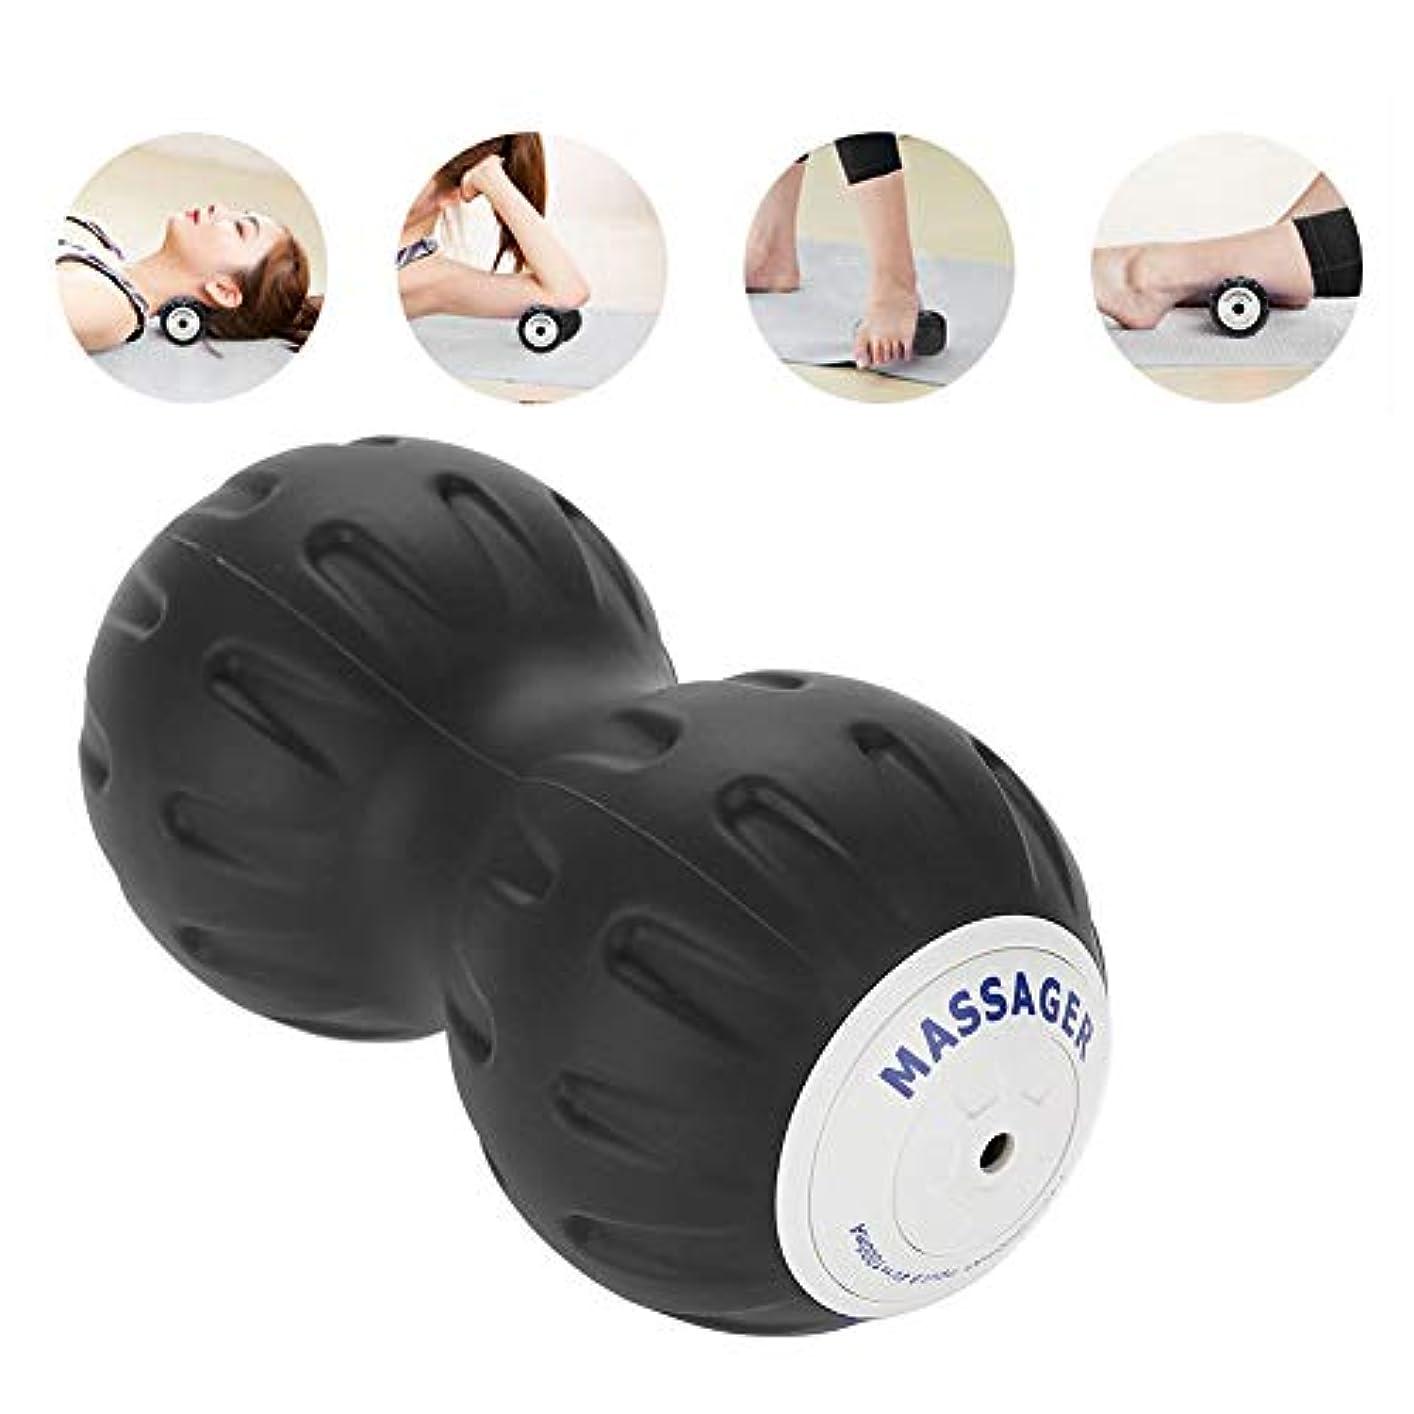 始める合金電話をかけるピーナッツマッサージボール、電気二重ラクロスボール3スピード高輝度ヨガ枕筋肉リラックス筋膜マッサージローラー(US-Plug)